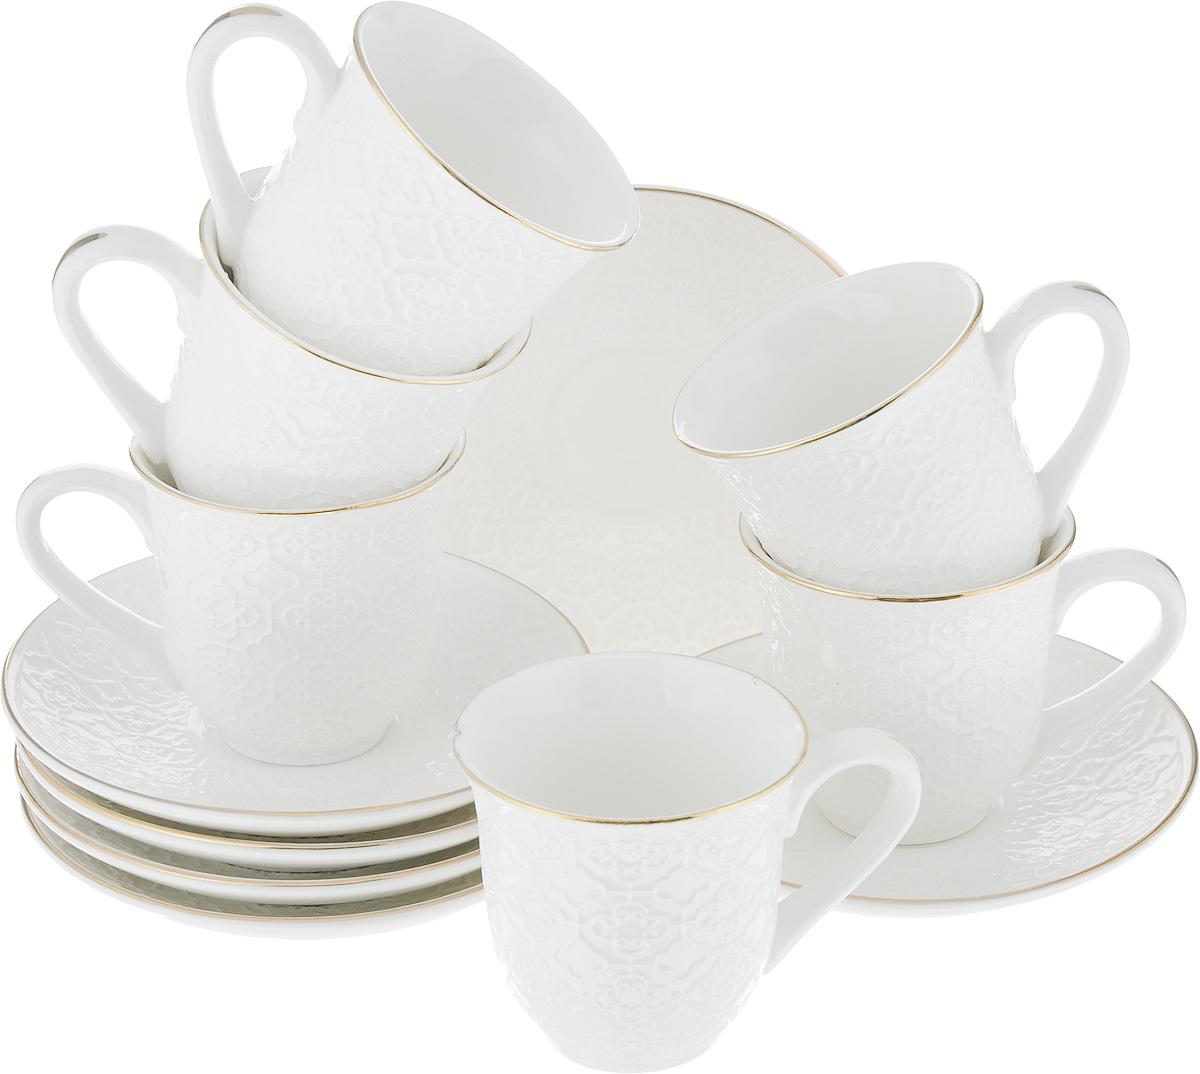 Набор кофейный Loraine, 12 предметов. 2576925769Кофейный набор Loraine состоит из 6 чашек и 6 блюдец. Изделия выполнены из высококачественного костяного фарфора и оформлены золотистой каймой. Такой набор станет прекрасным украшением стола и порадует гостей изысканным дизайном и утонченностью. Набор упакован в подарочную коробку, задрапированную внутри белой атласной тканью. Каждый предмет надежно зафиксирован внутри коробки. Кофейный набор Loraine идеально впишется в любой интерьер, а также станет идеальным подарком для ваших родных и близких. Объем чашки: 90 мл. Диаметр чашки (по верхнему краю): 6,2 см. Высота чашки: 6 см. Диаметр блюдца (по верхнему краю): 11,2 см. Высота блюдца: 2 см.